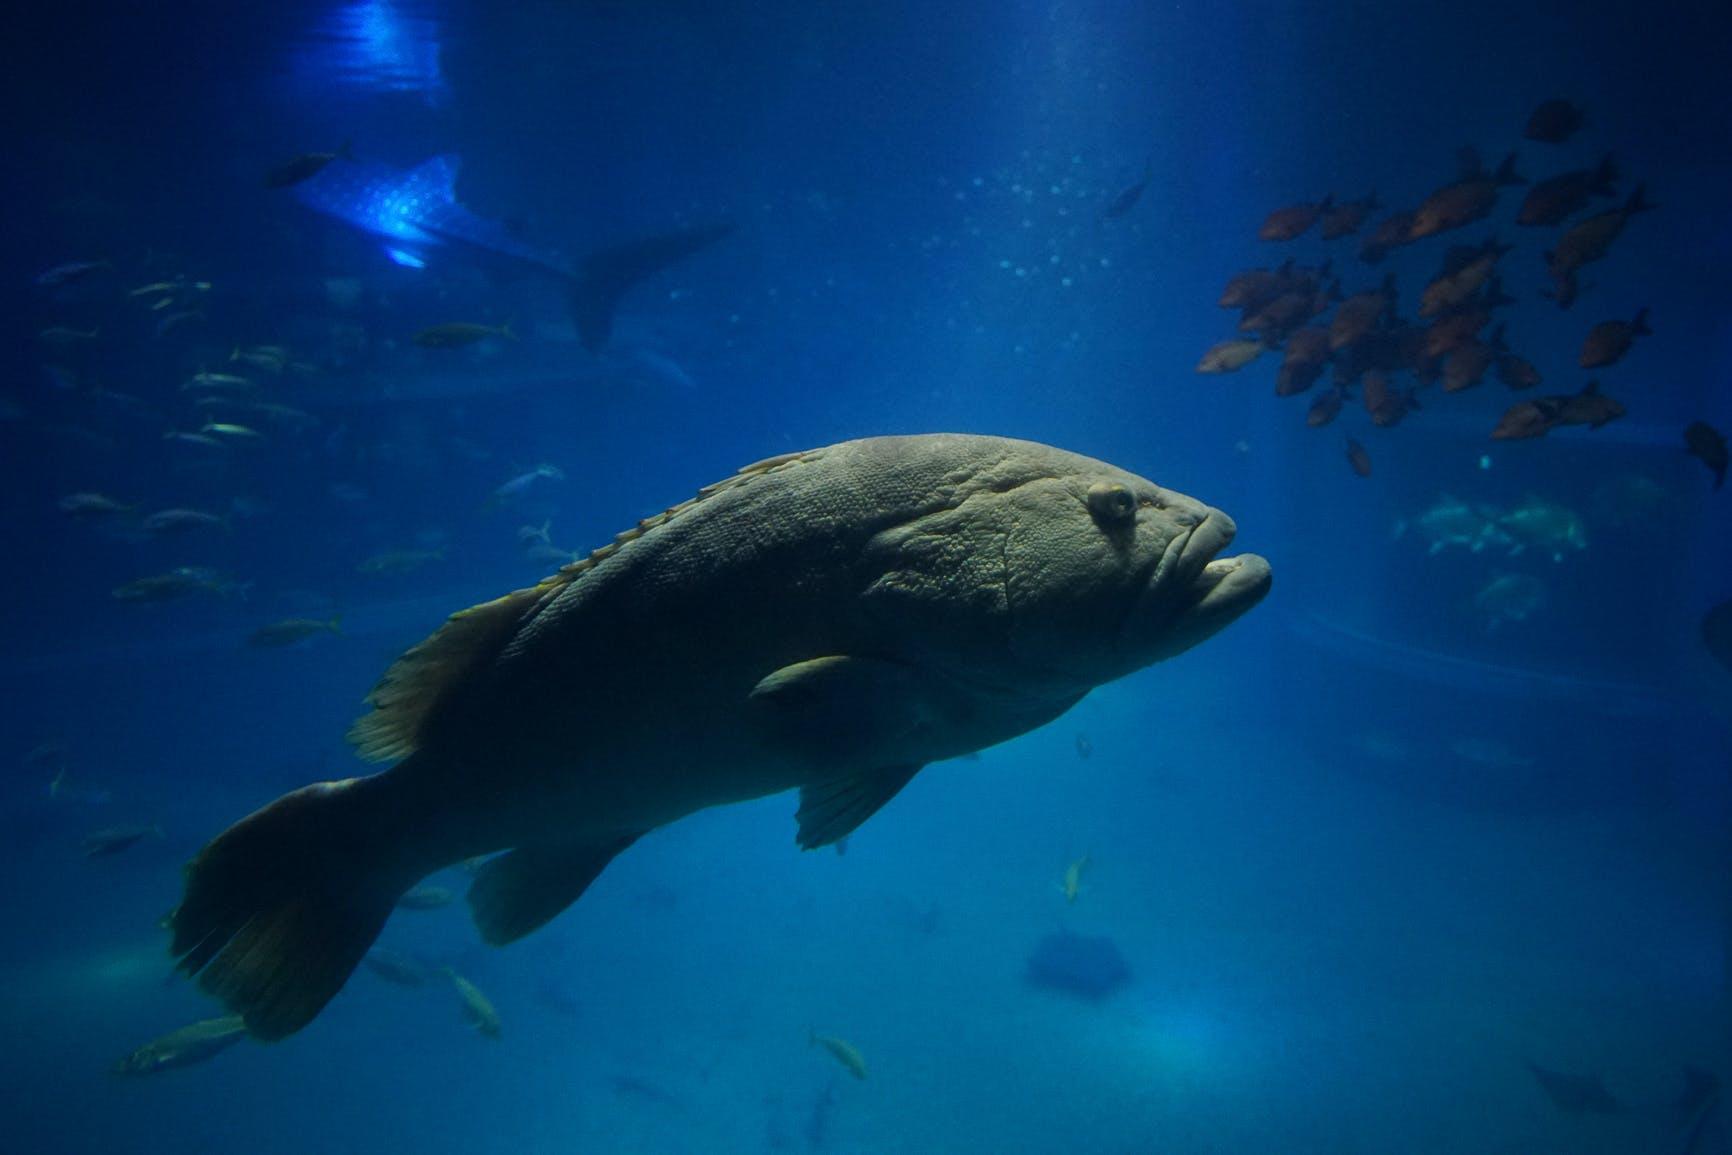 Free stock photo of aquarium, aquatic, blue, blue water